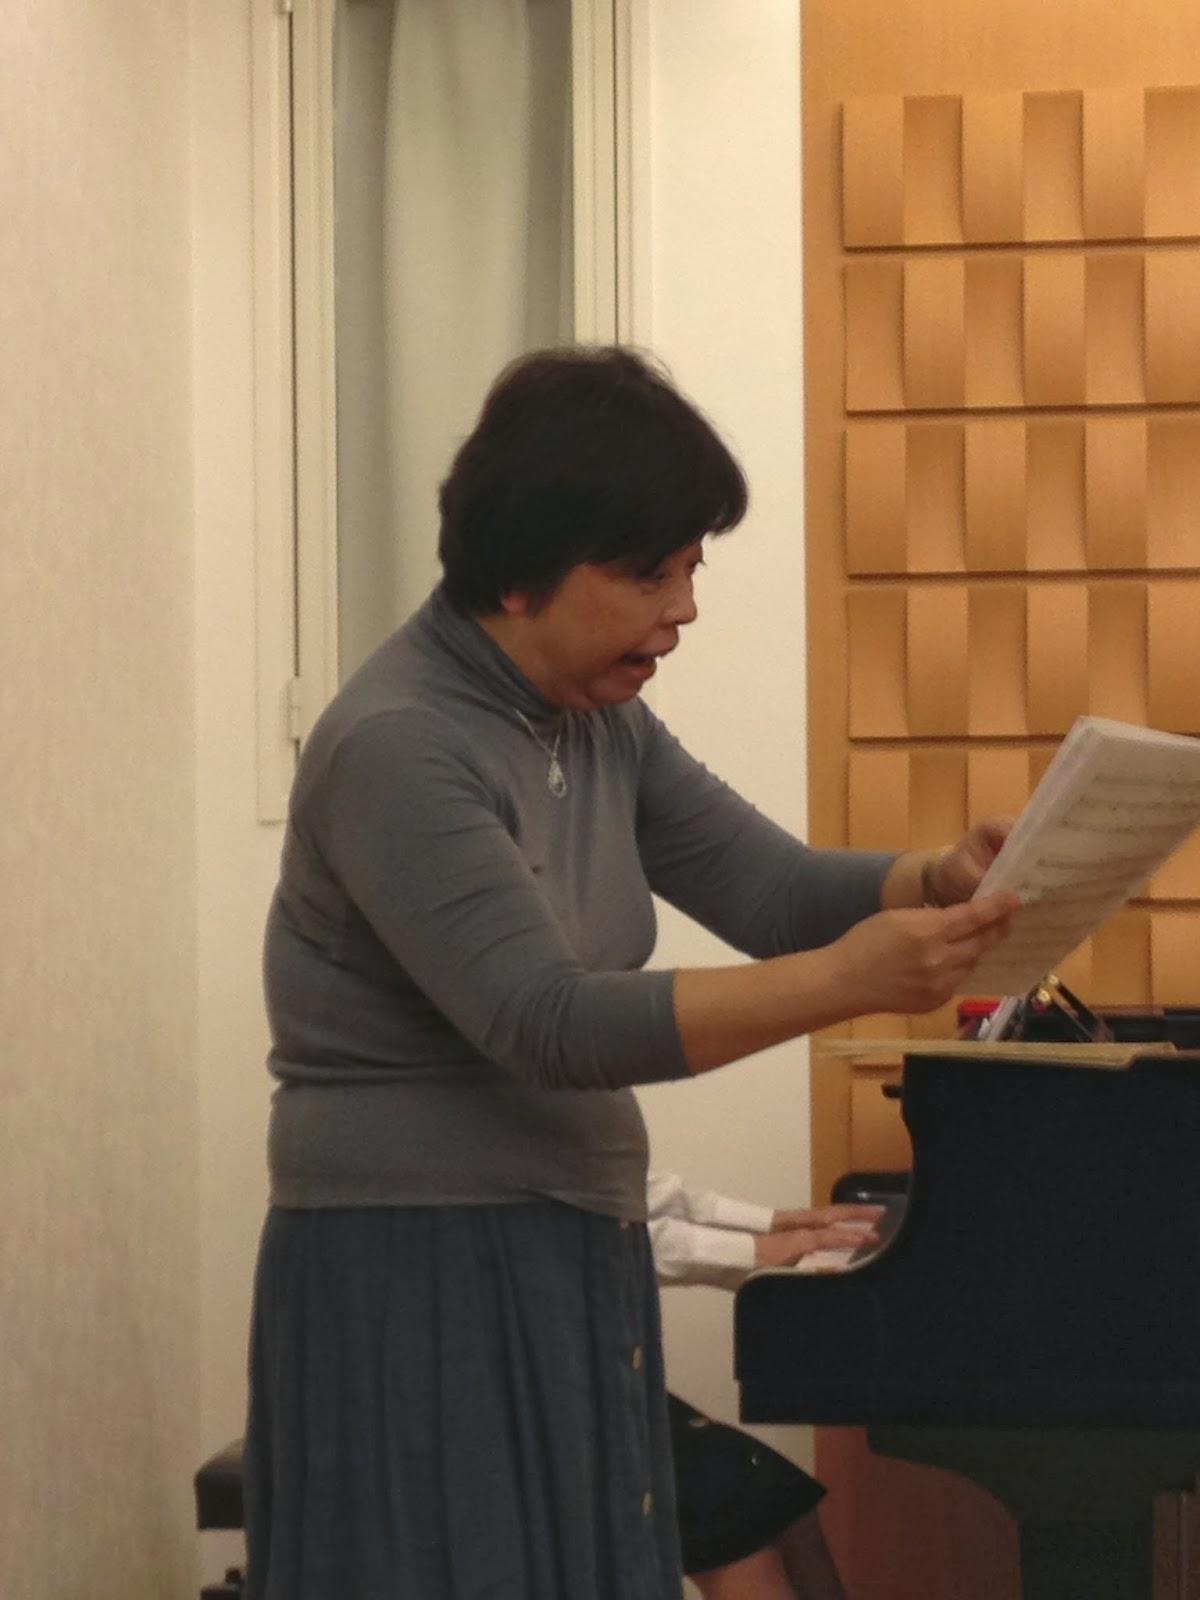 日仏現代音楽協会公式ブログ: 小林真理声楽マスタークラス開催報告 日仏... 日仏現代音楽協会公